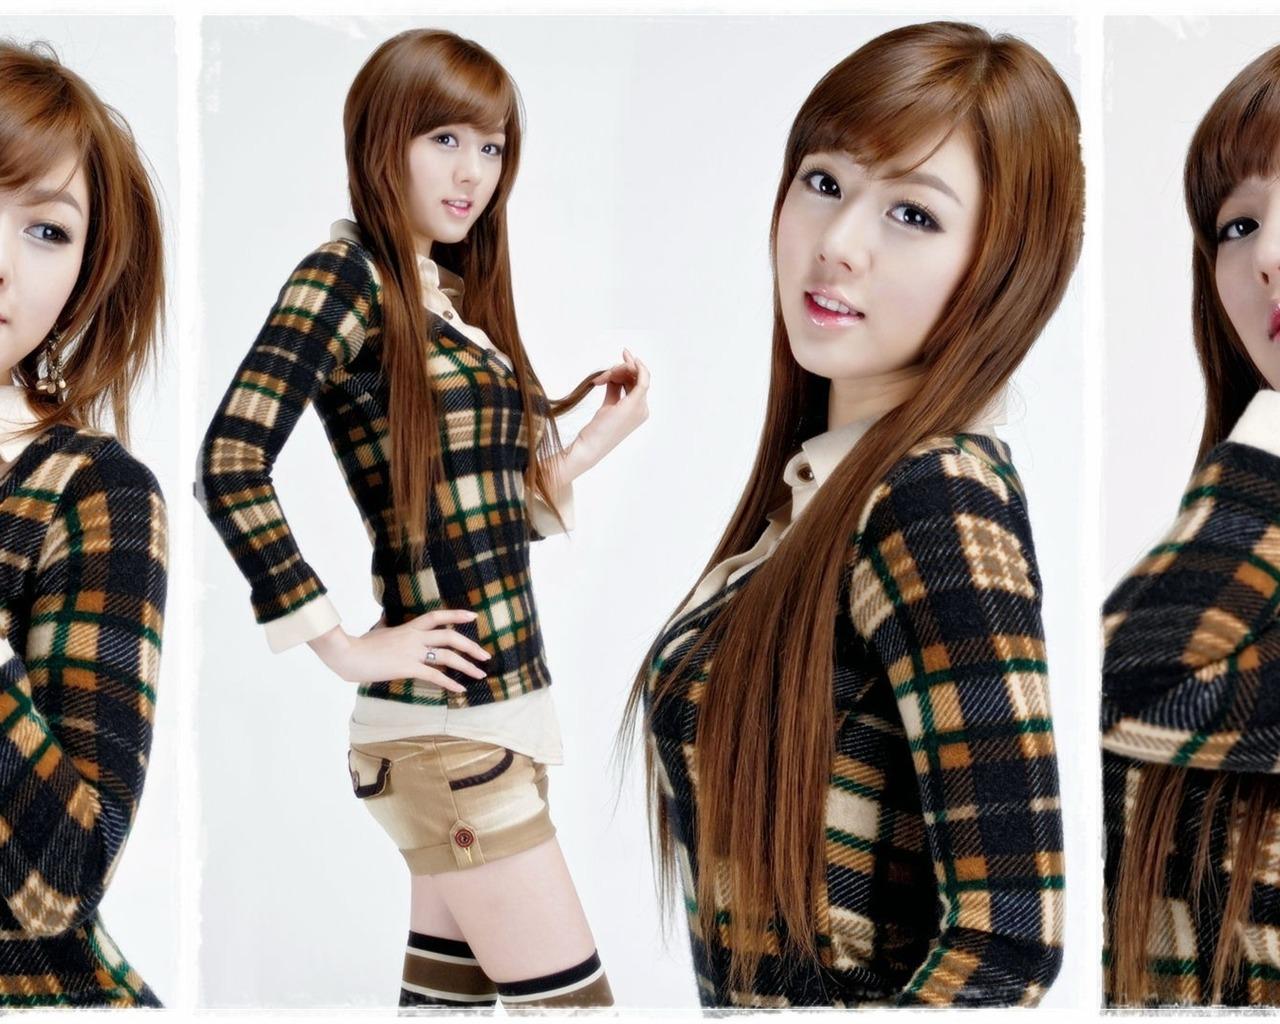 Korean motor show model hwang mi hee and song jina 13 1280x1024 korean motor show model hwang mi hee and song jina 13 1280x1024 wallpaper download voltagebd Gallery